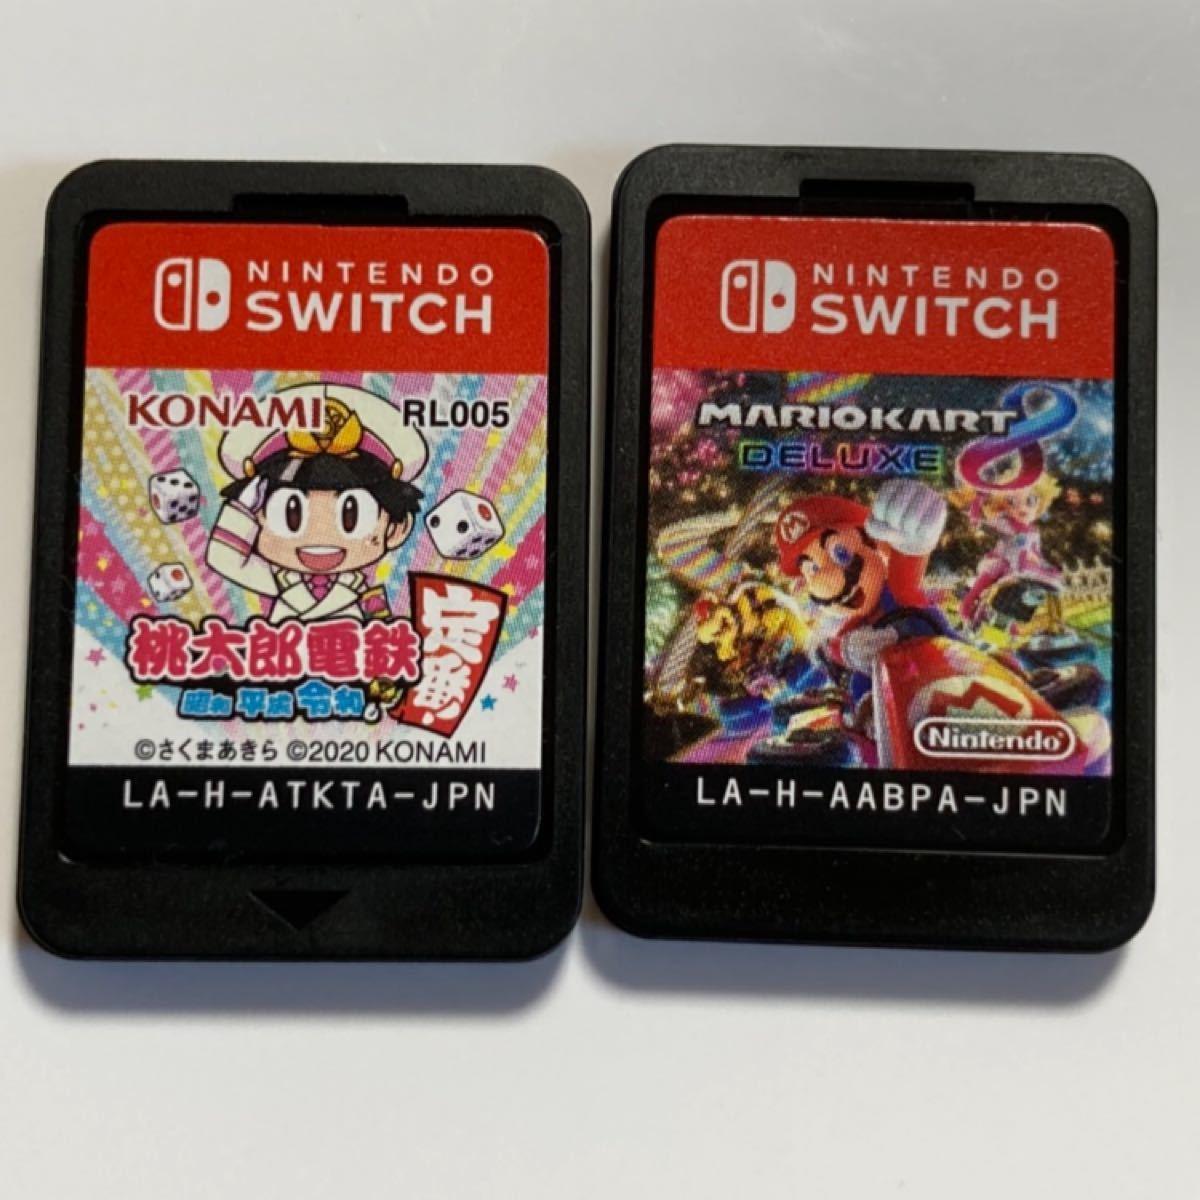 桃太郎電鉄 Switch 桃鉄 マリオカート8デラックス ニンテンドースイッチ Switchソフト ソフト